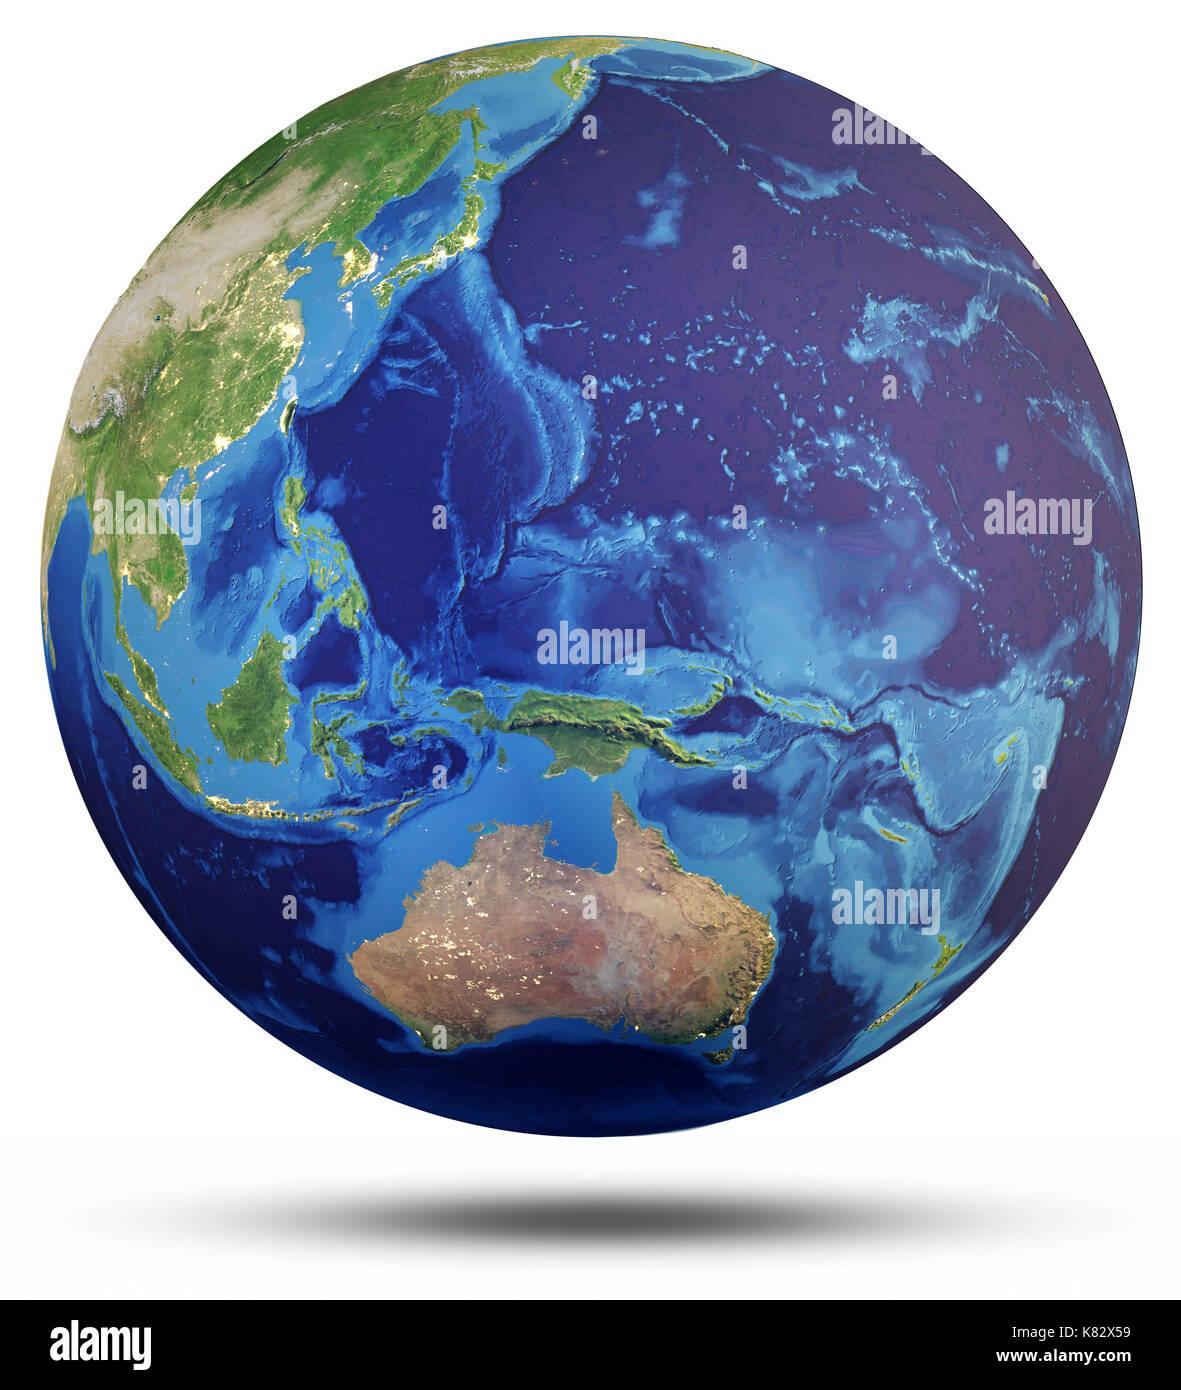 Planet Erde World Globe 3D-Rendering Stockbild